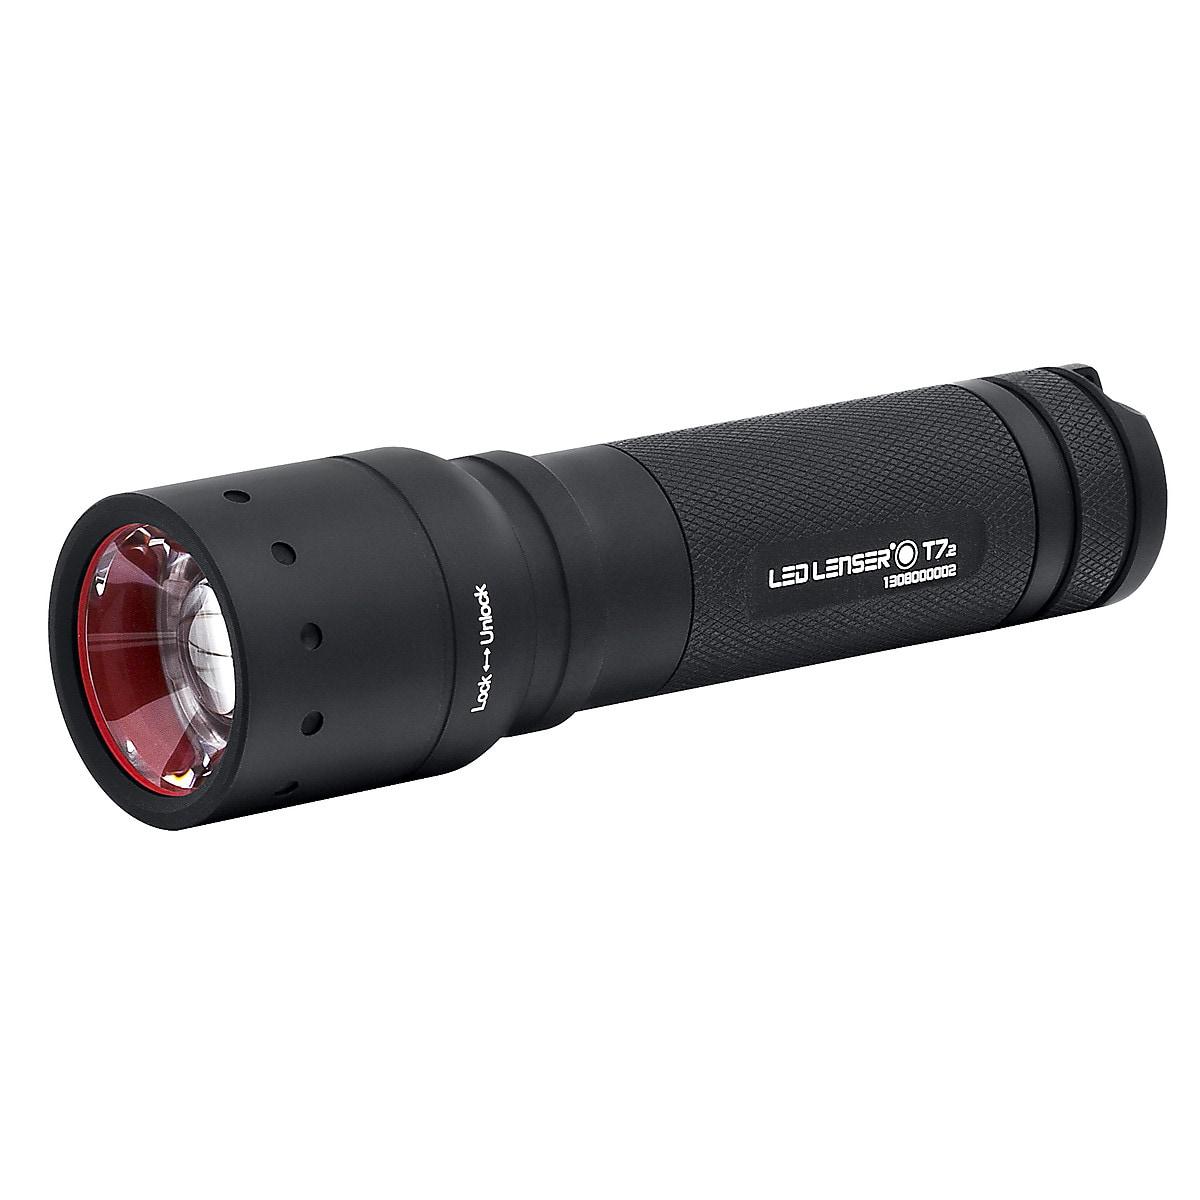 Ficklampa LED Lenser T7.2